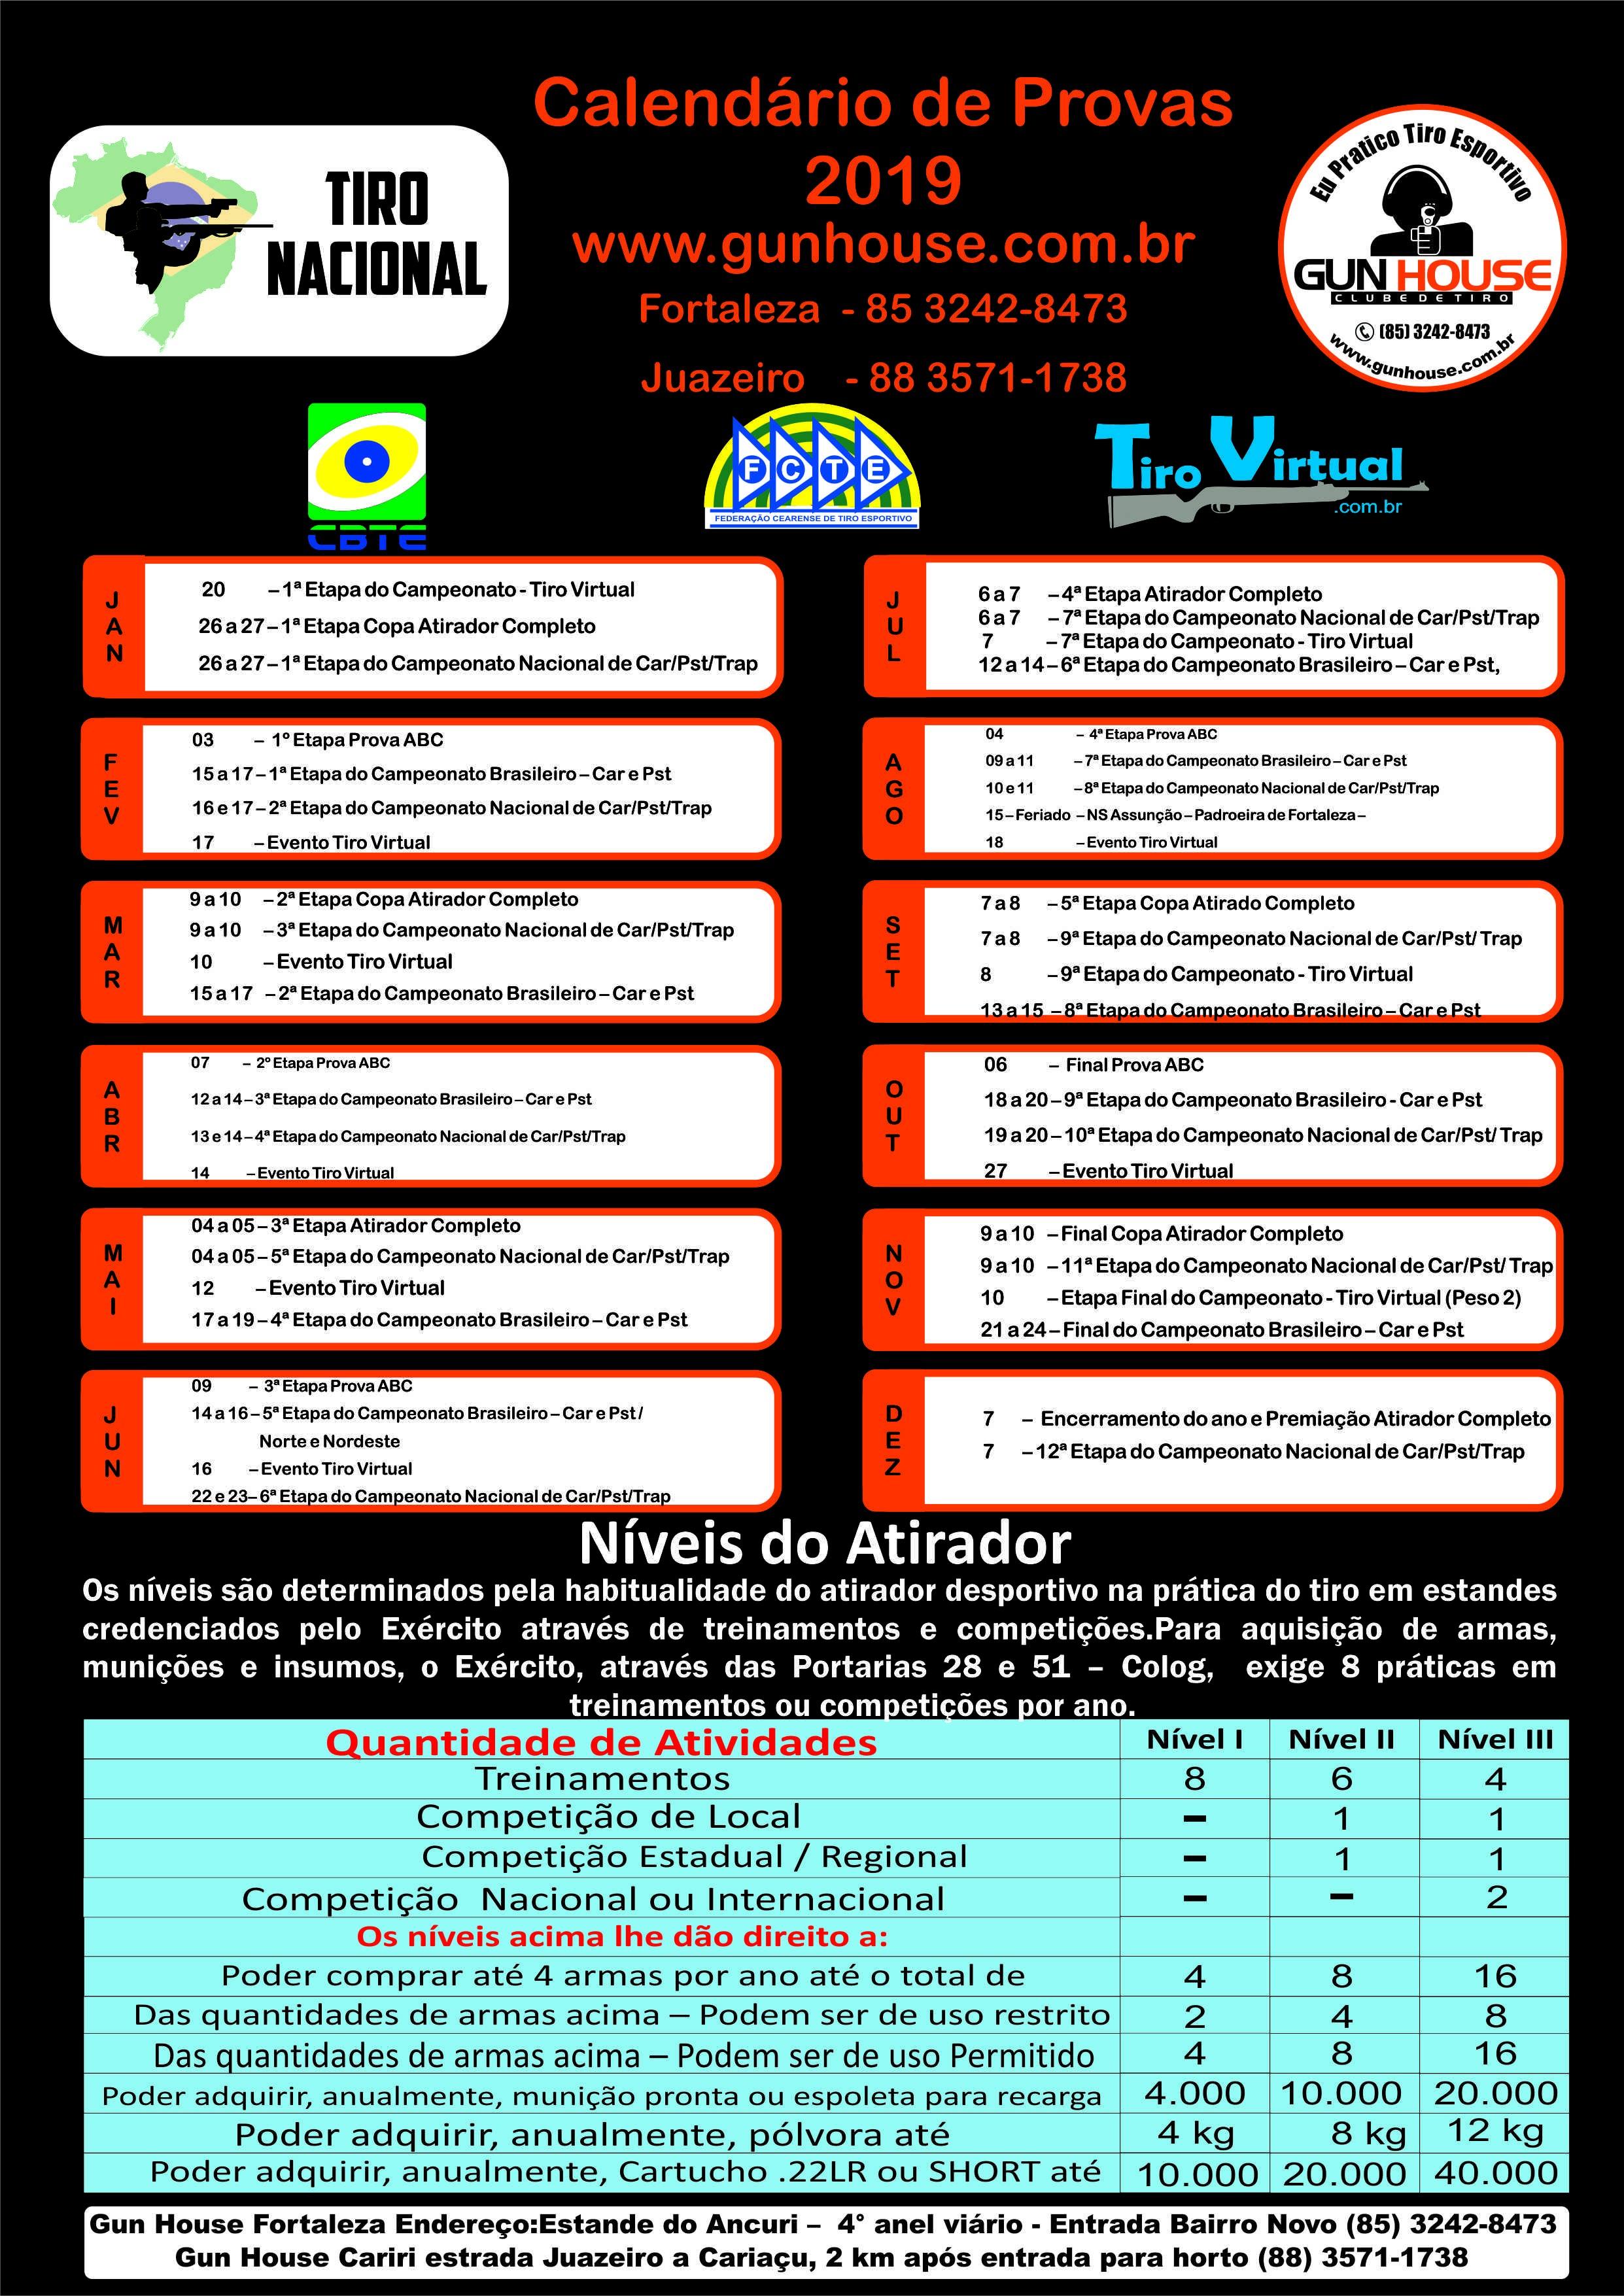 Calendario 2020 Feriados Rs Actual Calendario 2019 Br Arparis Of Calendario 2020 Feriados Rs Más Arriba-a-fecha Notcias Principais ifrs Campus Porto Alegre